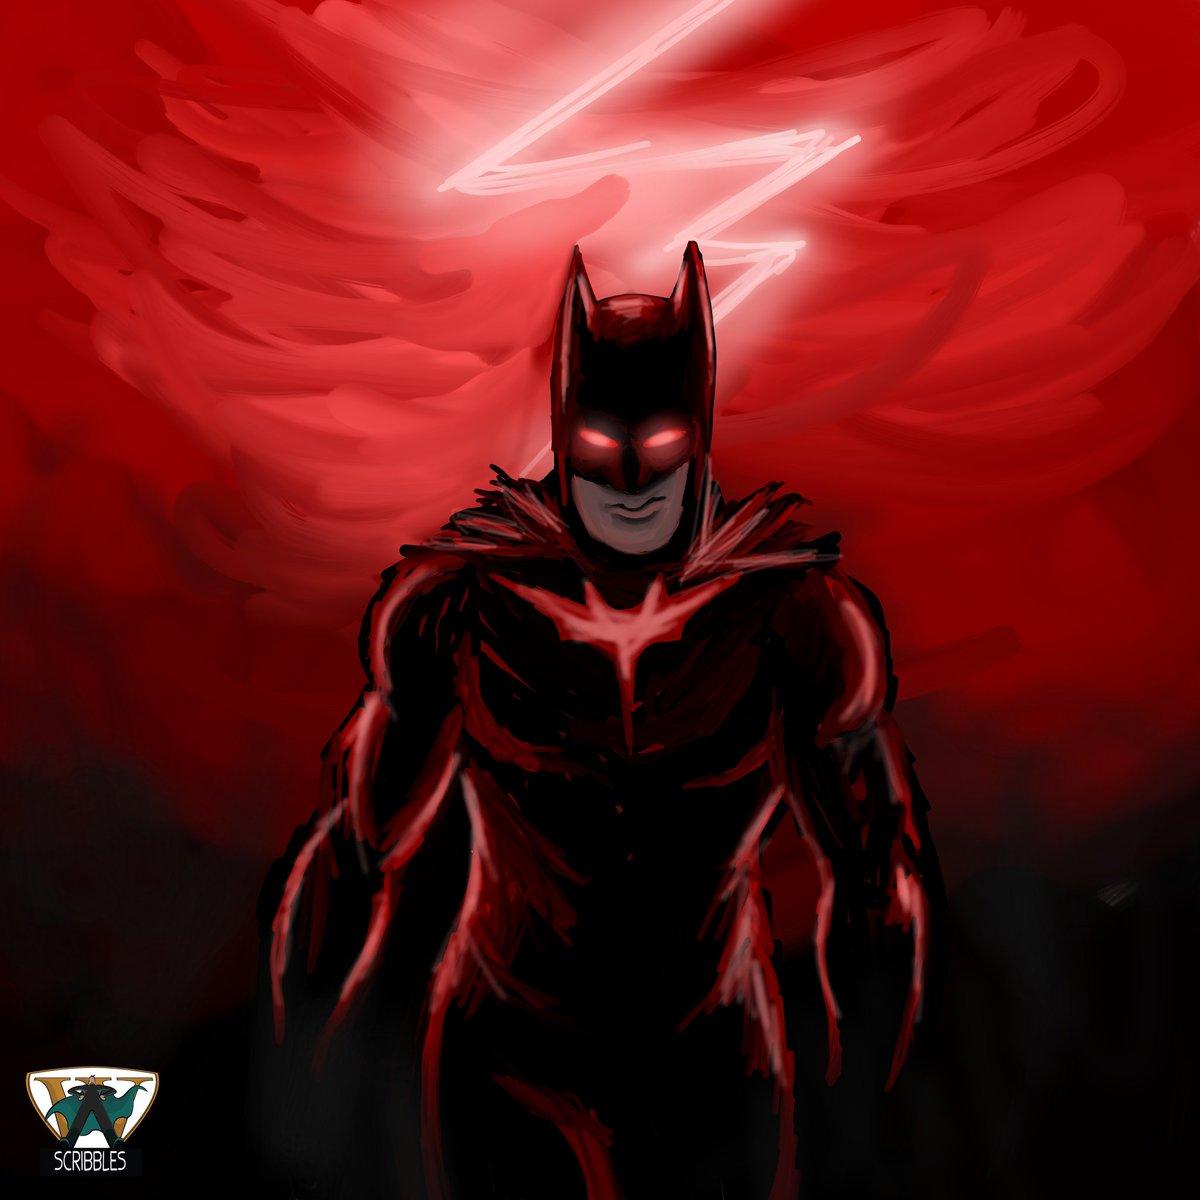 #batman #batmanedit #batmanbeyond #batmanart #batmanartwork #batmanday #batmanday2020 #batmanforever #batfleck #benaffleck #illustrations #digitalart #digitalpaintings #wisdomscribbles #batmanandrobin #dccomicsindia #dccomics #netflix @DCComics  @ZackSnyder https://t.co/N2fYXFZZe8